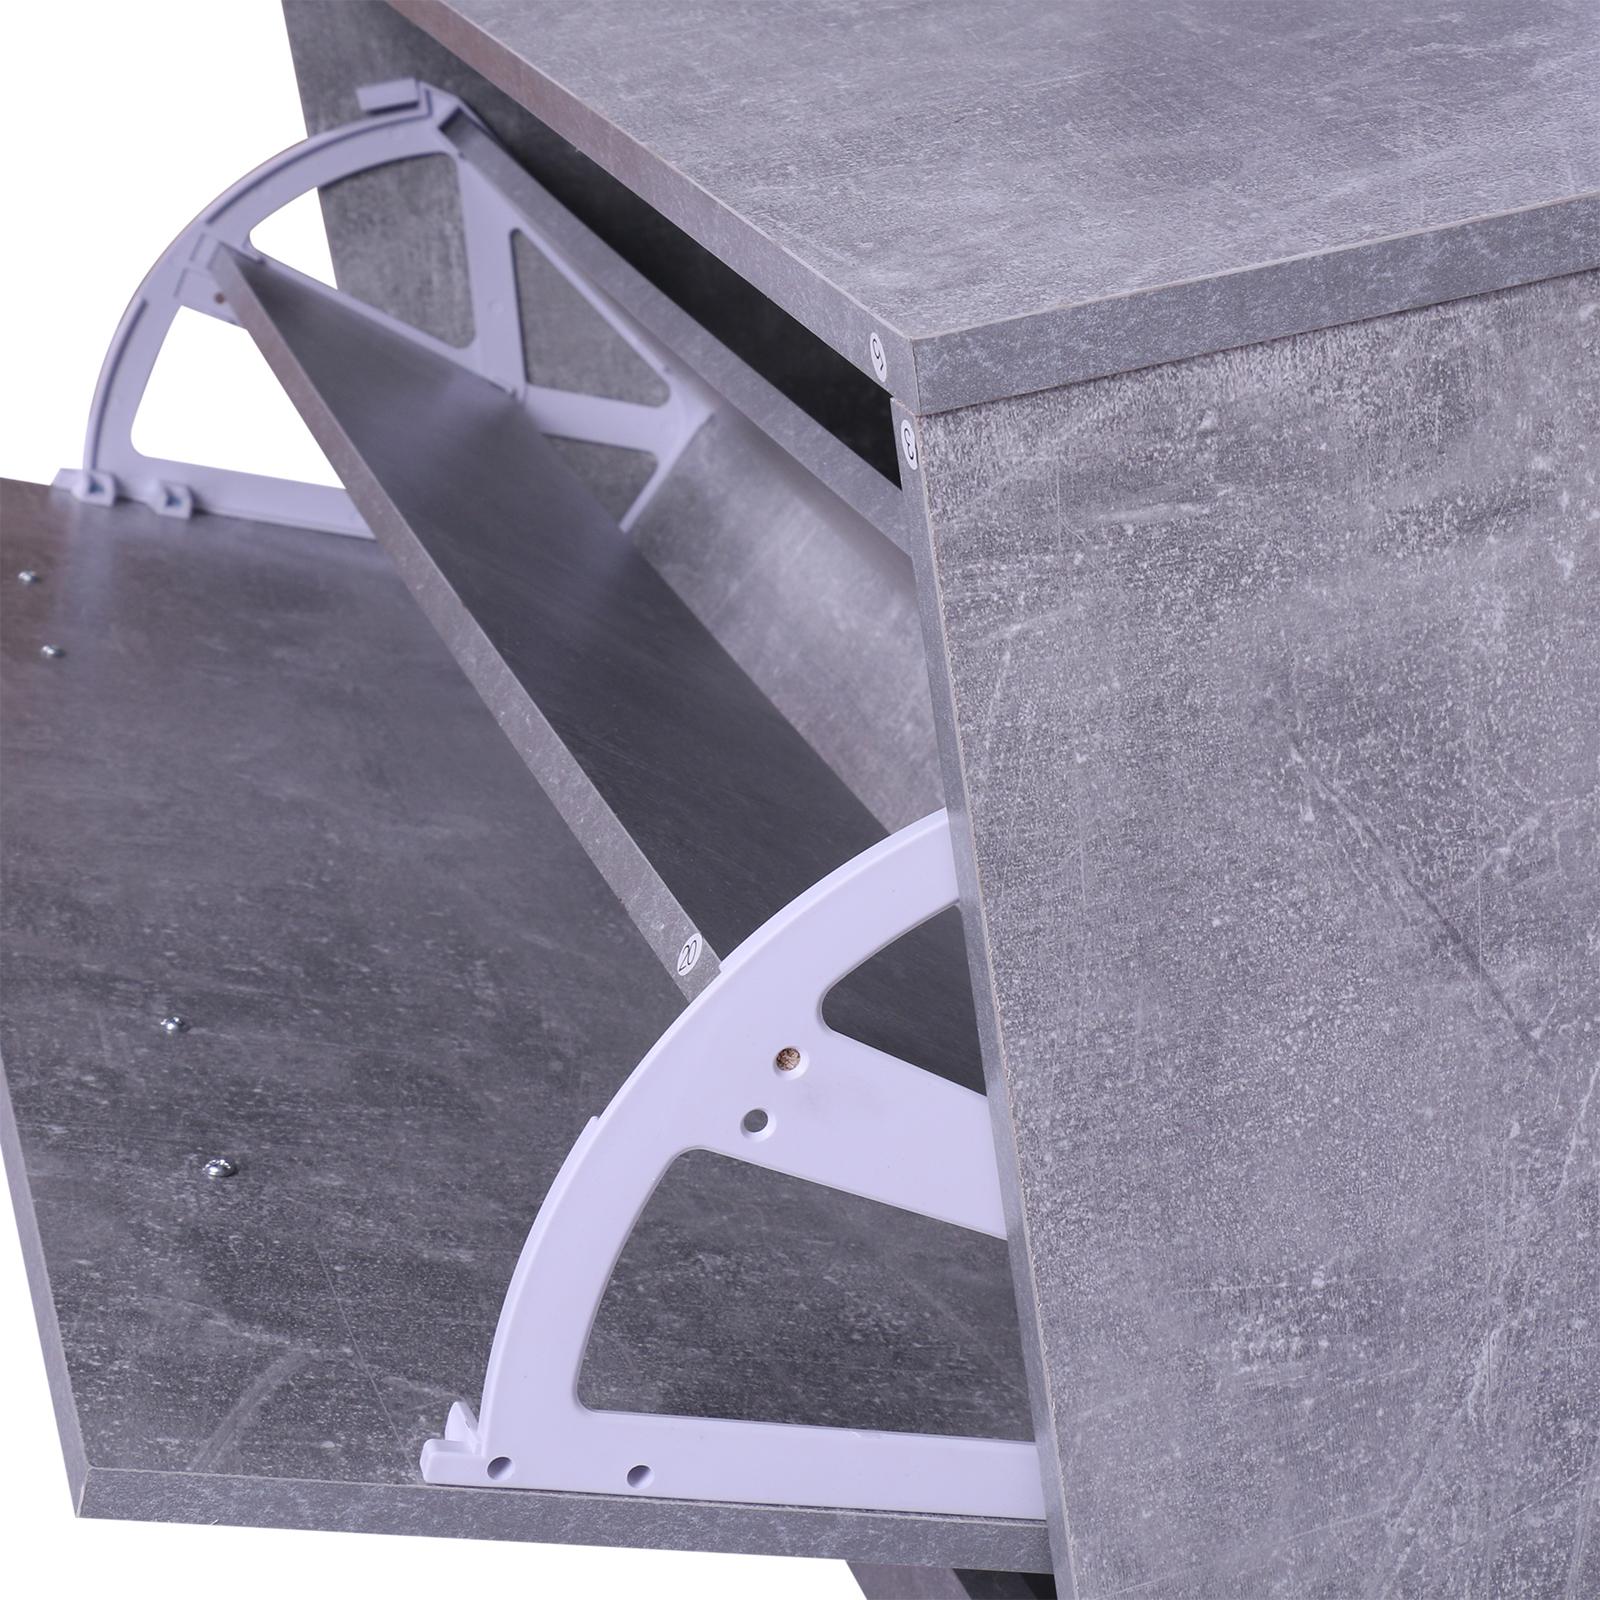 831 146gy11(4) - Conjunto Muebles de Entrada Recibidor Pasillo 3 Piezas Perchero Espejo Zapatero